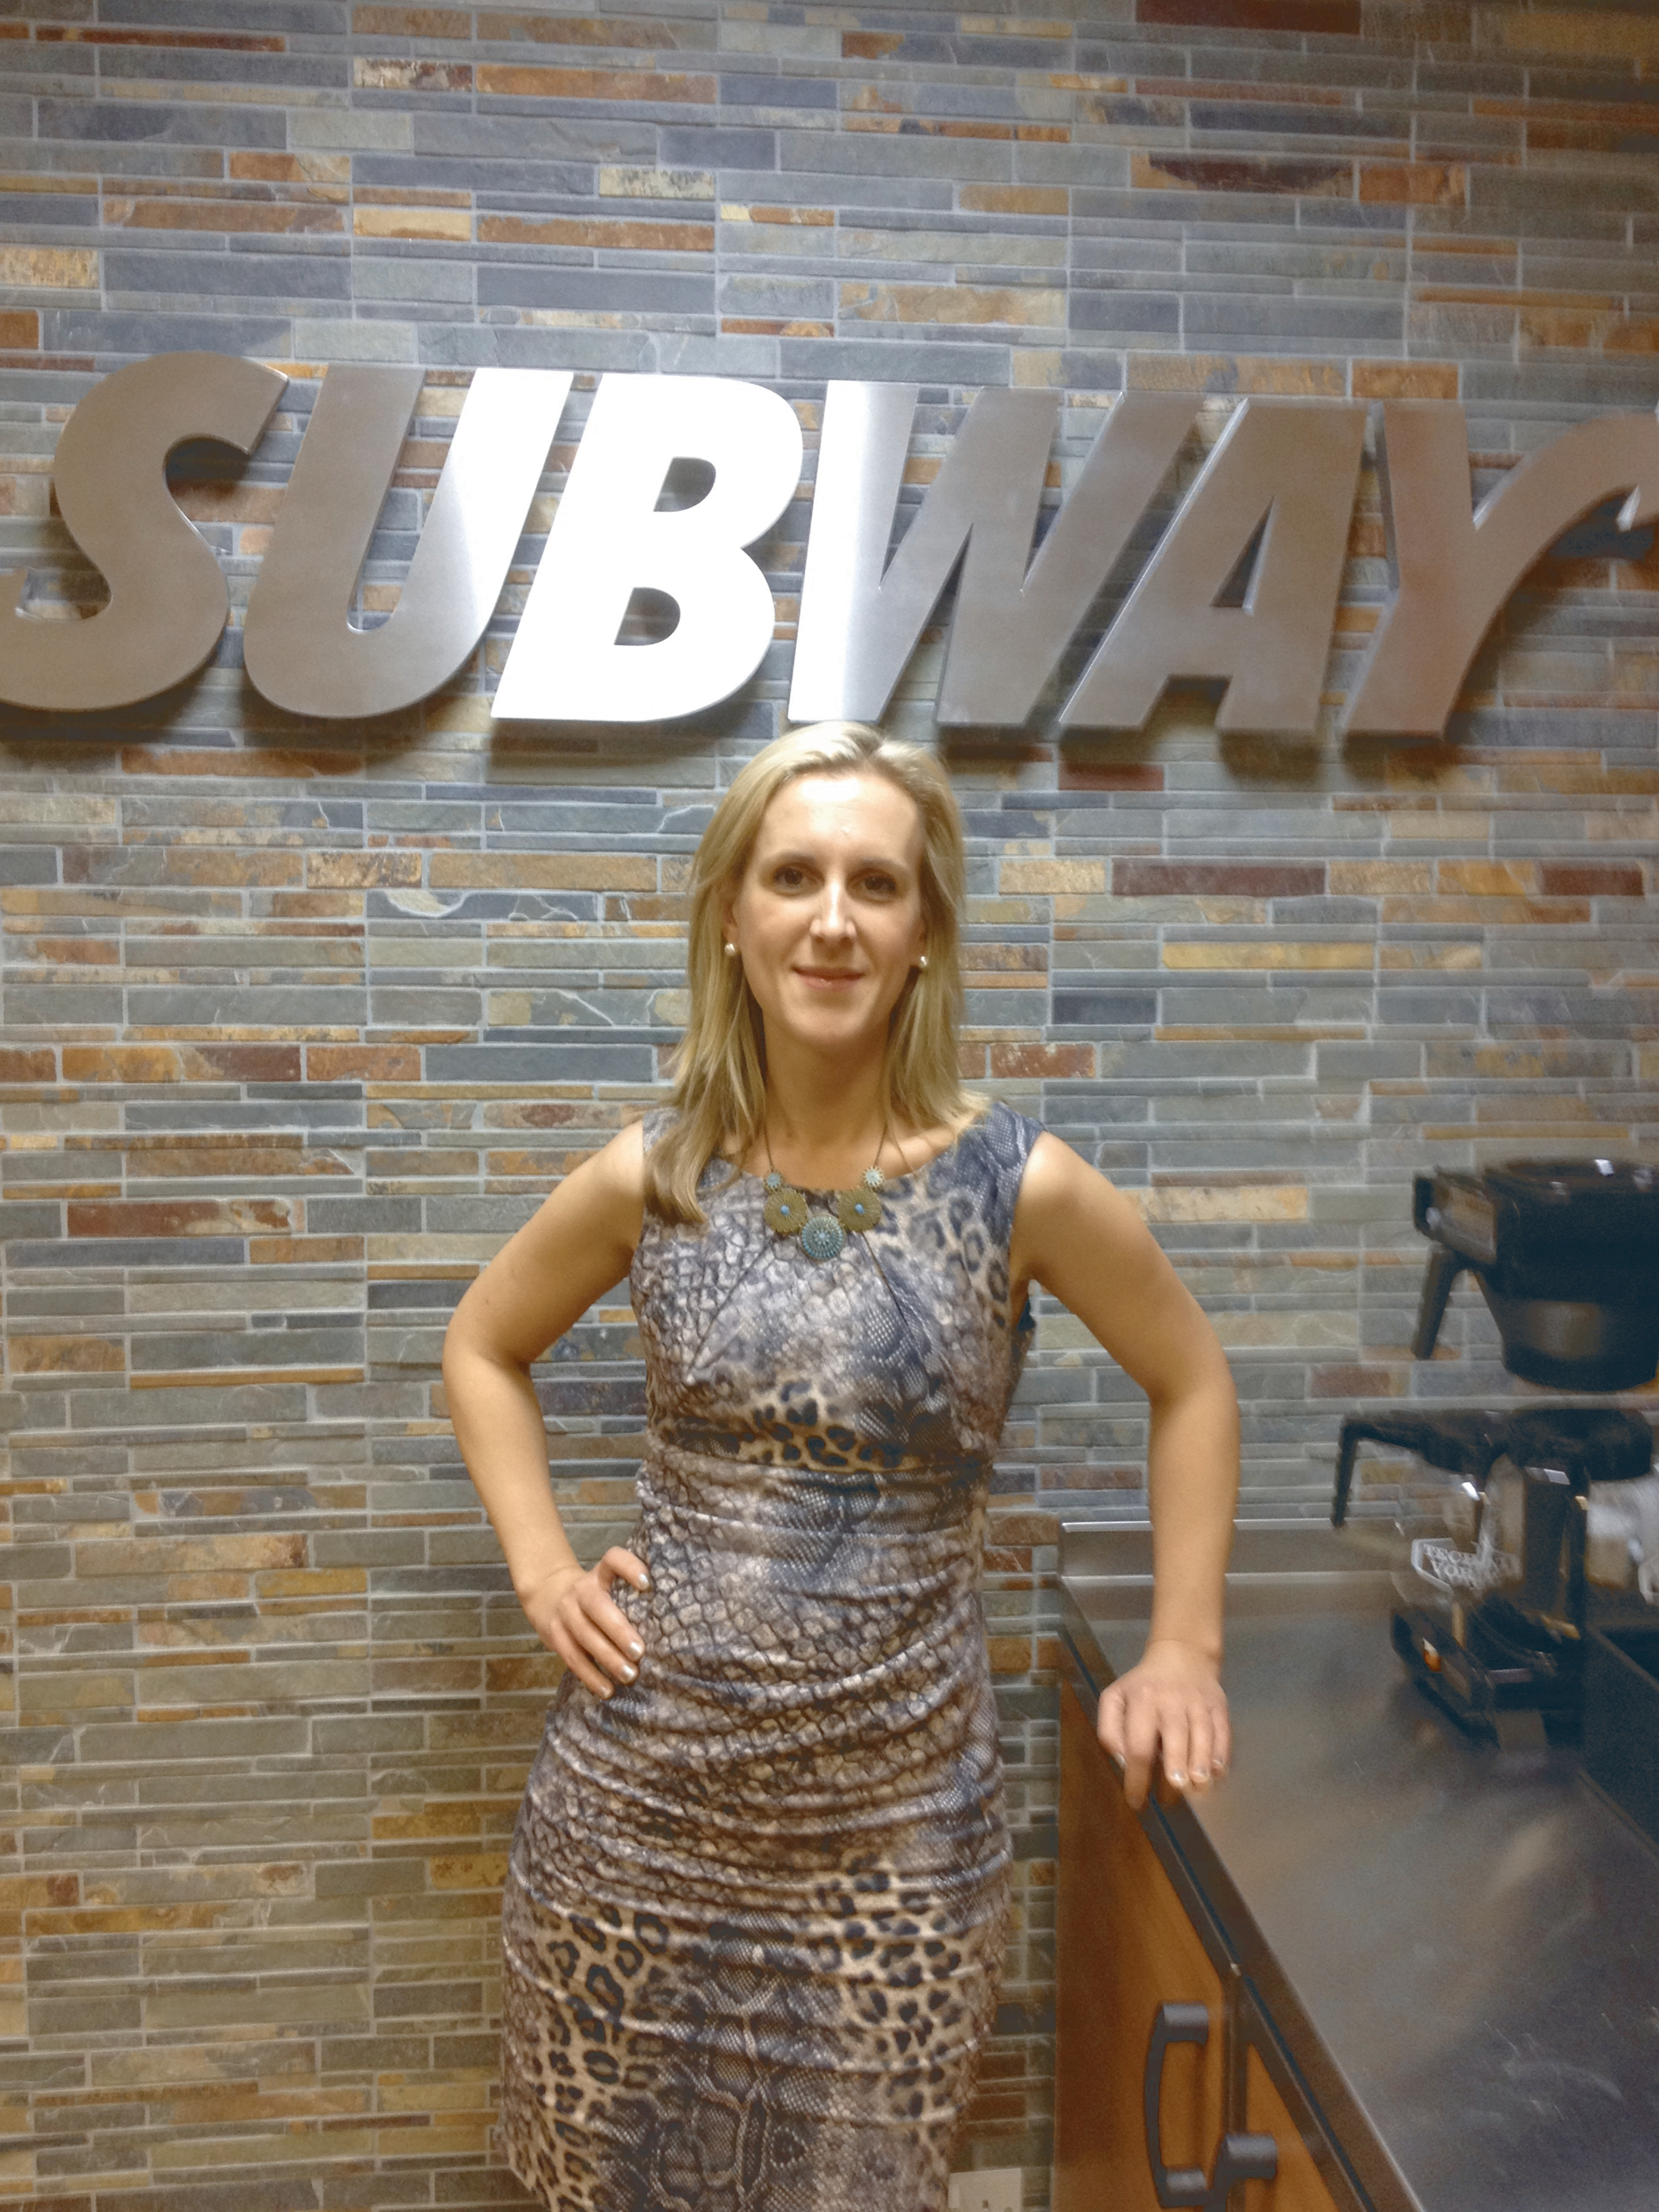 /k/t/k/Mortenson__Anna__Subway_.jpg